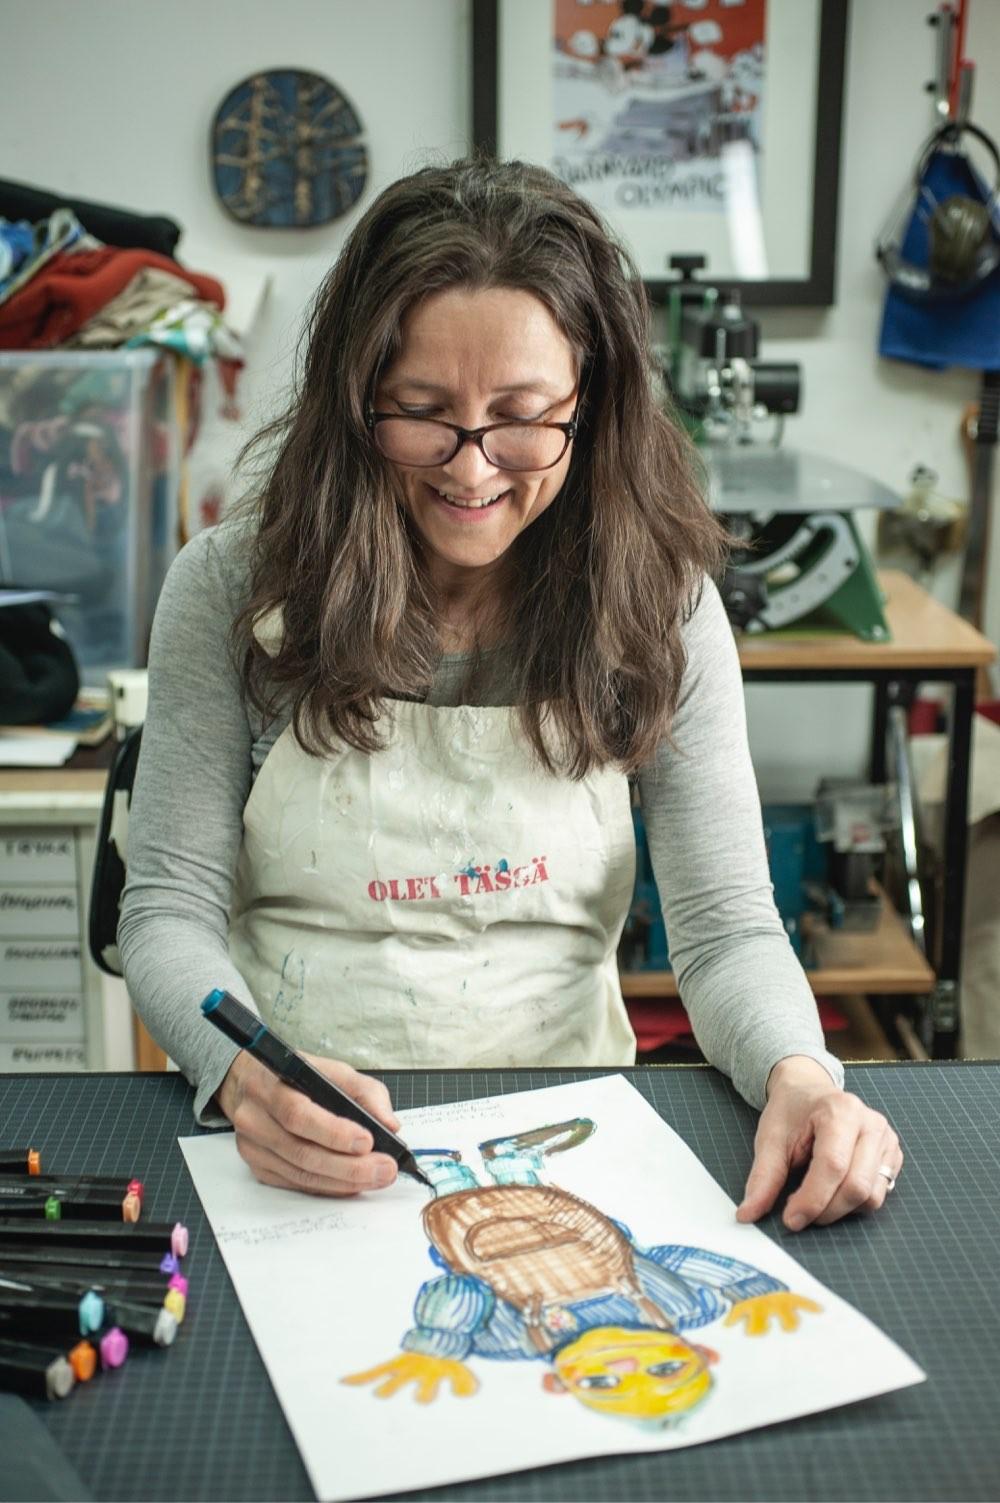 Tiina tegner en dukkefigur på papir